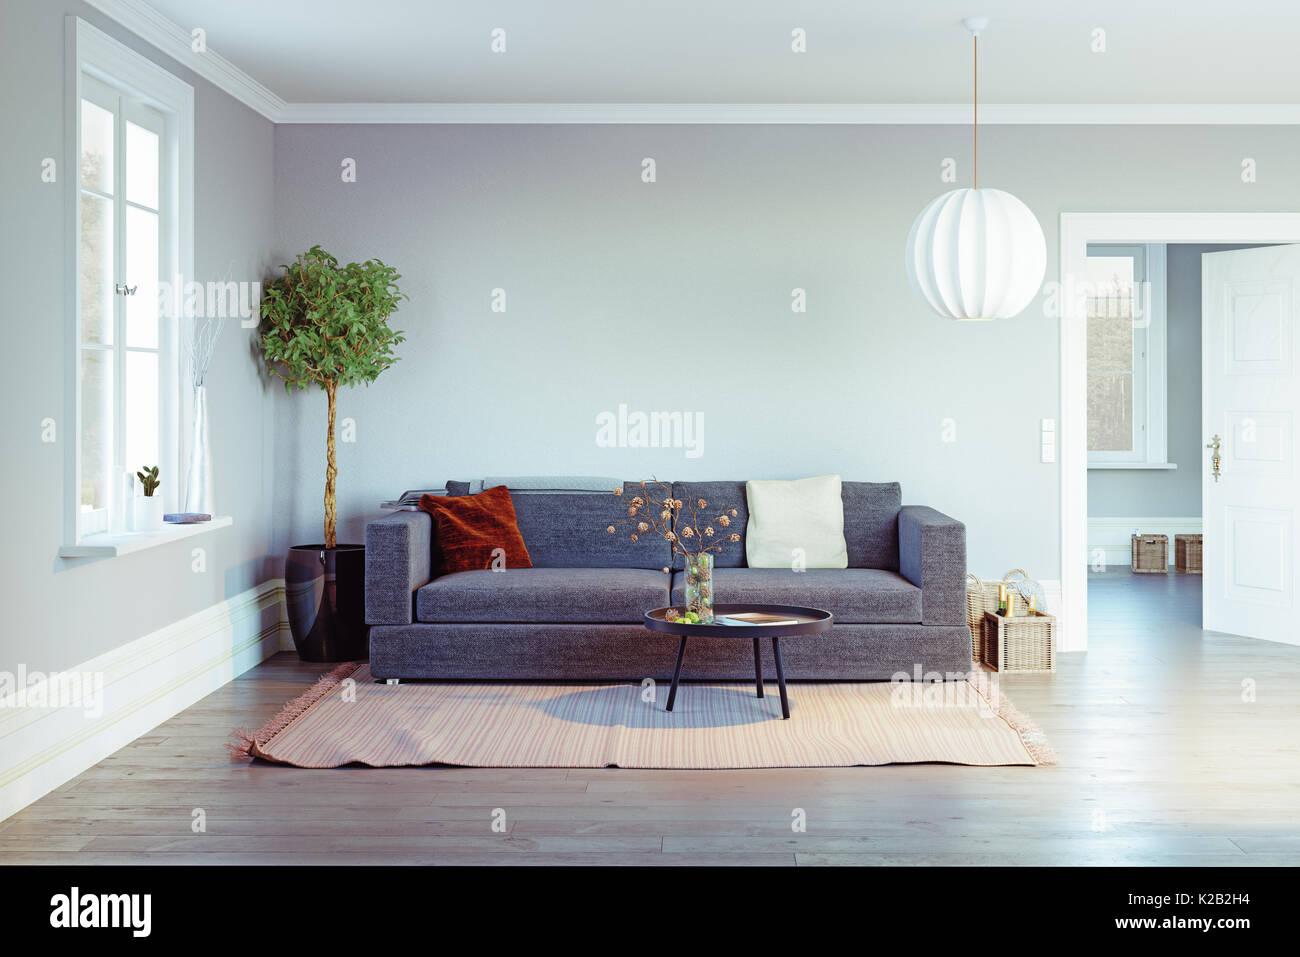 Modernes Wohnzimmer. 3D-rendering Design Stockfoto, Bild: 156366144 ...